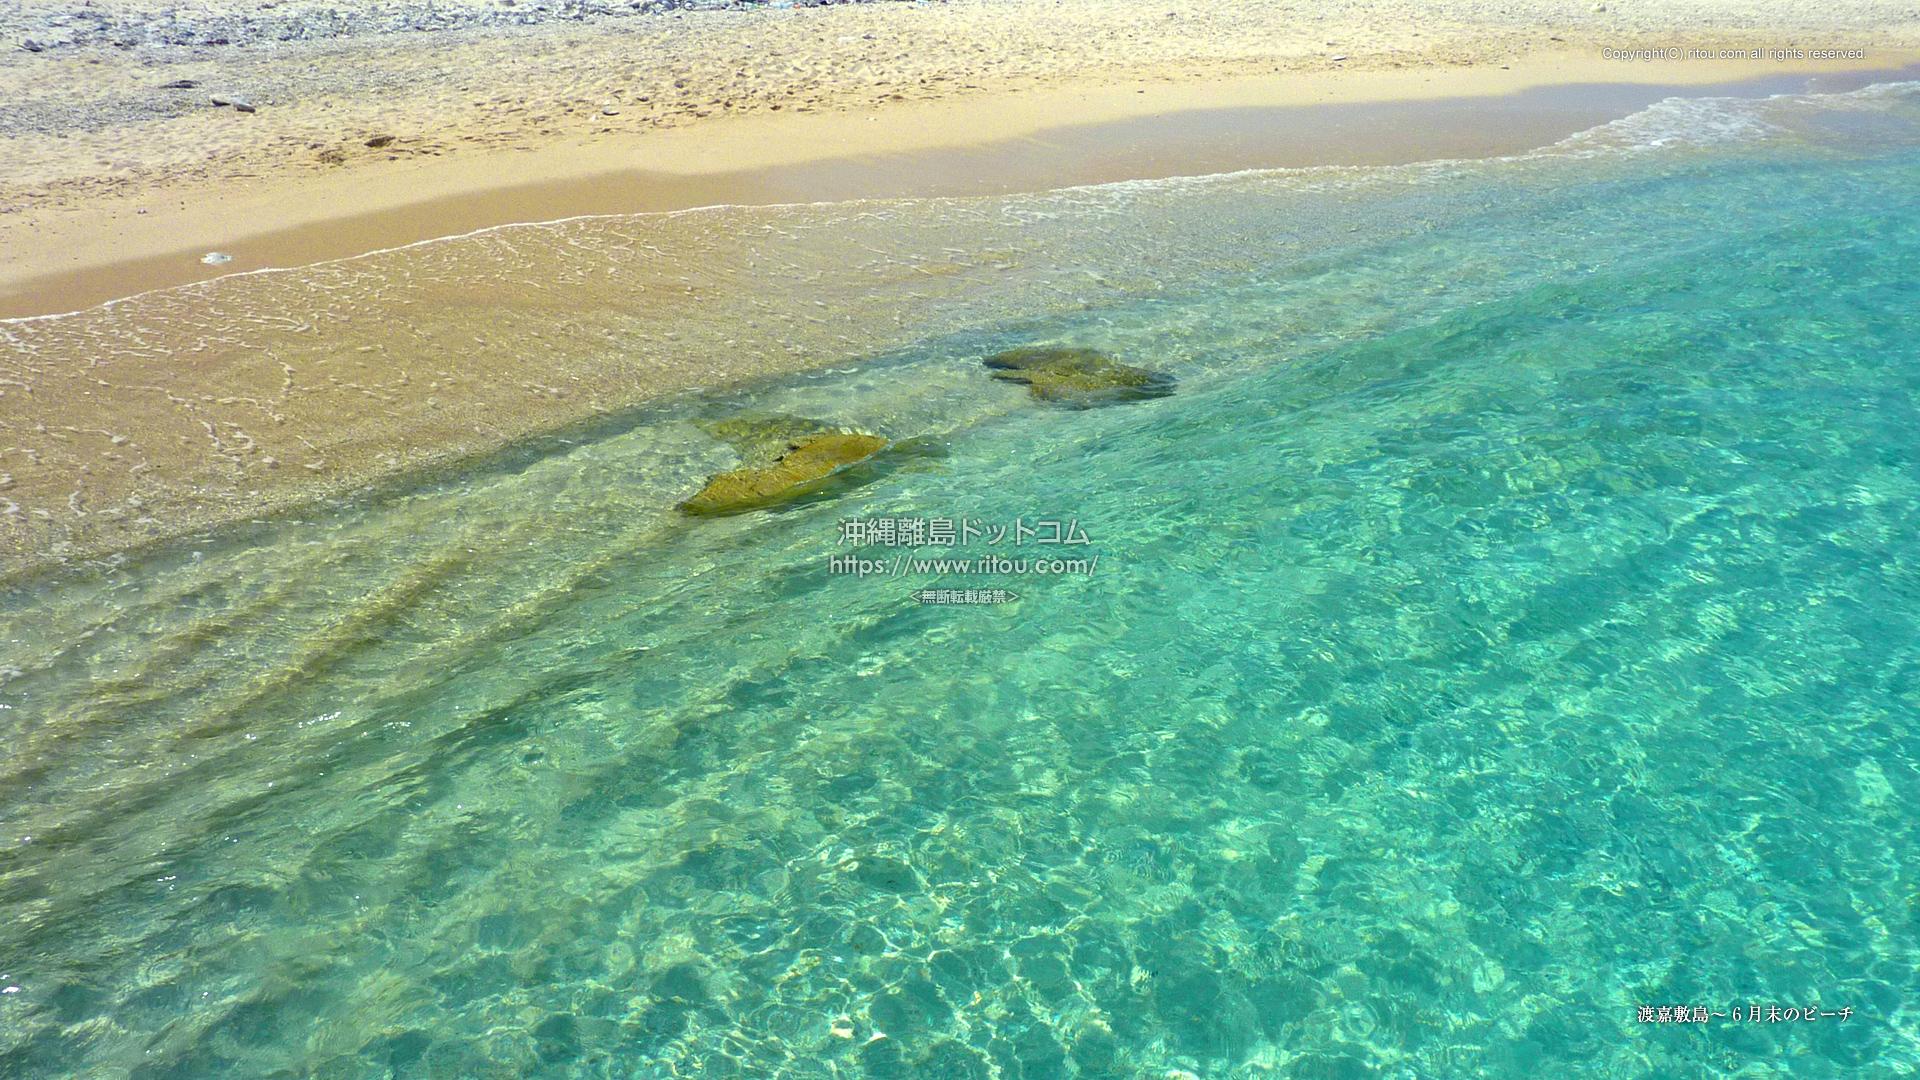 渡嘉敷島〜6月末のビーチ